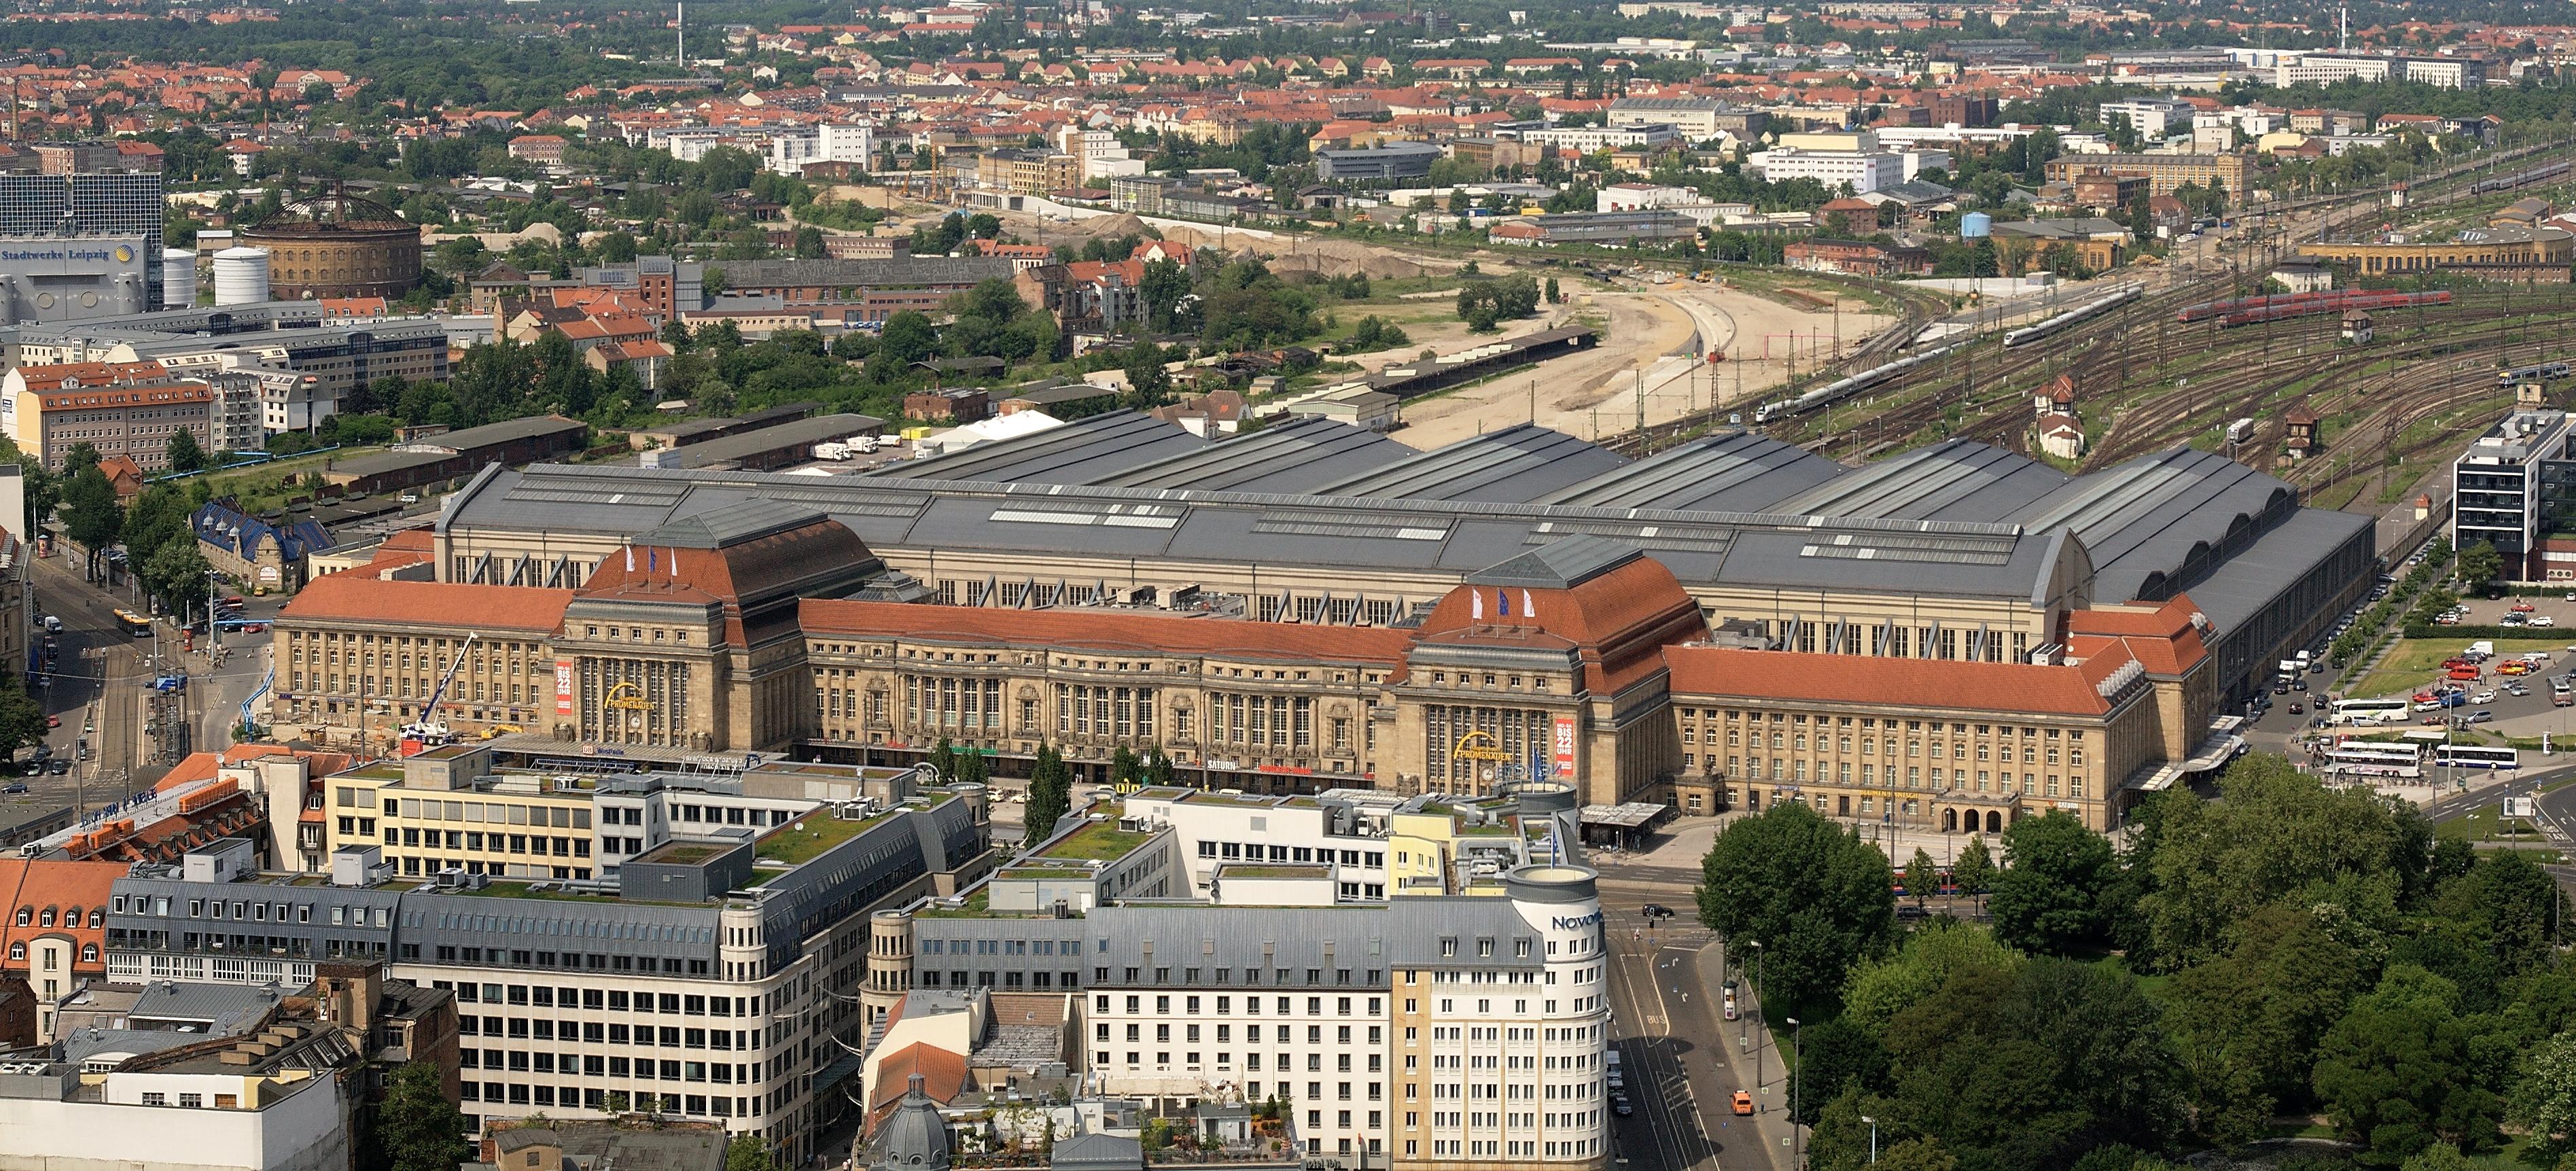 Estación Central de Leipzig - Wikipedia, la enciclopedia libre